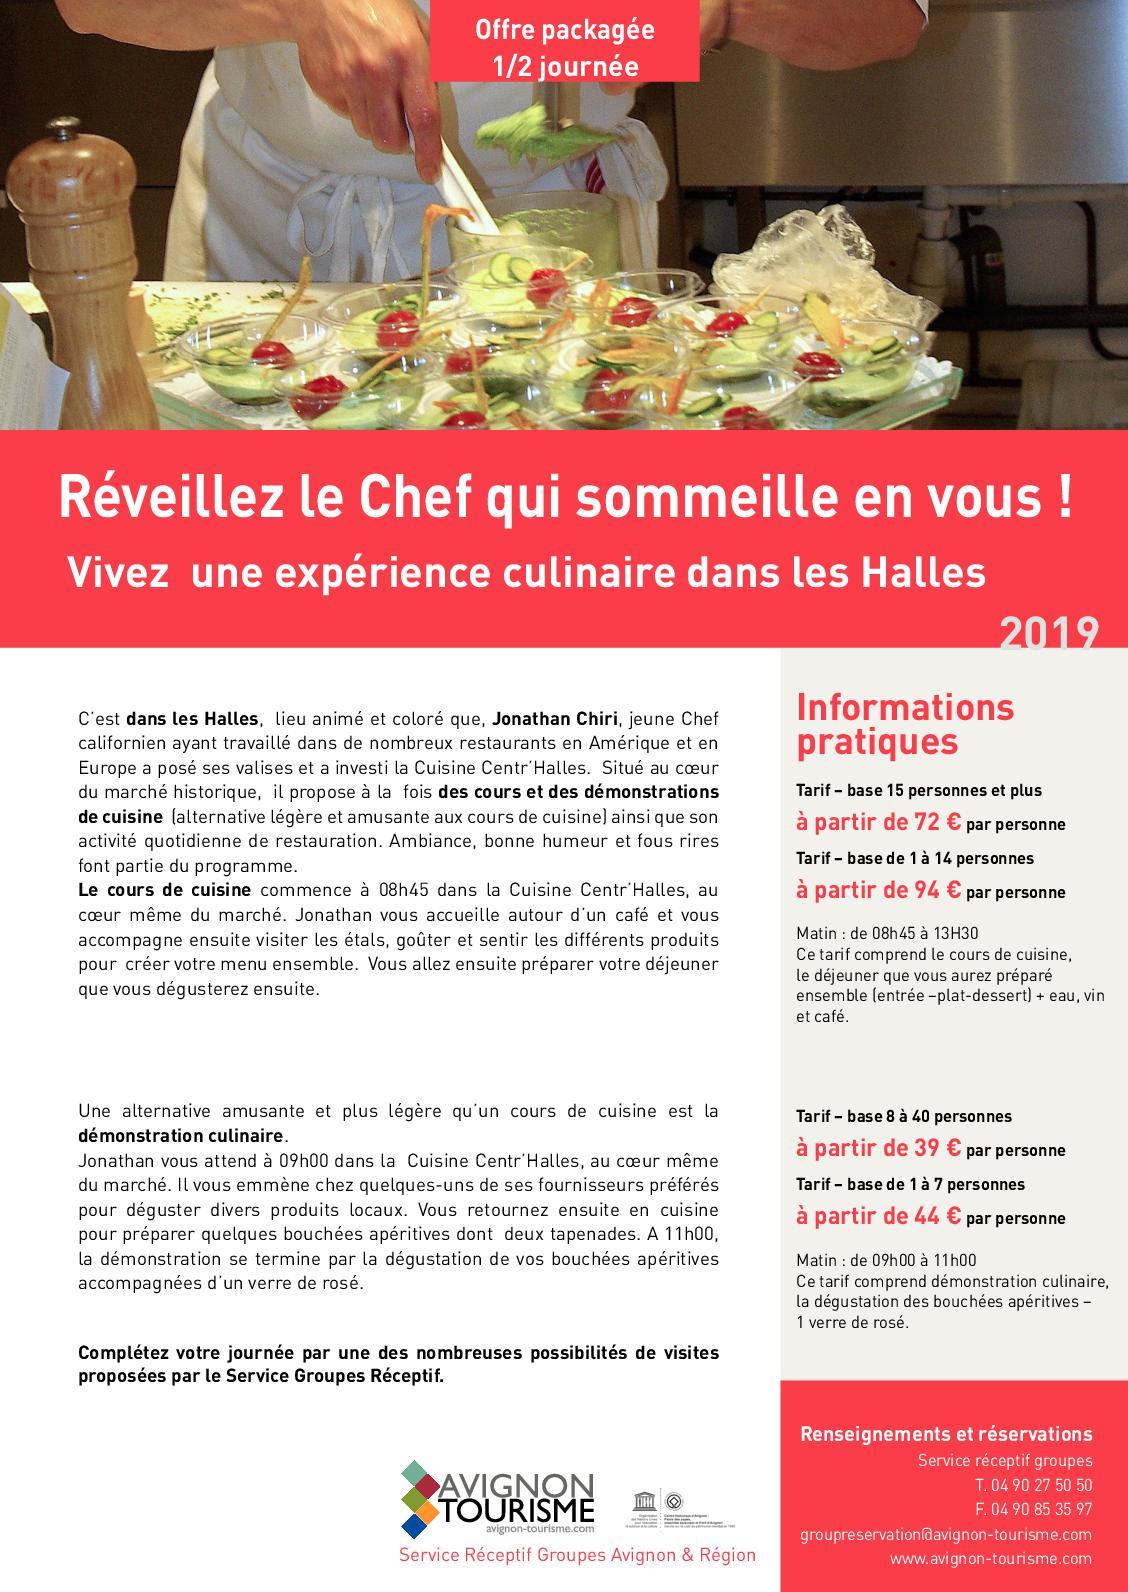 Calameo Fr Package Reveillez Le Chef Qui Sommeille En Vous